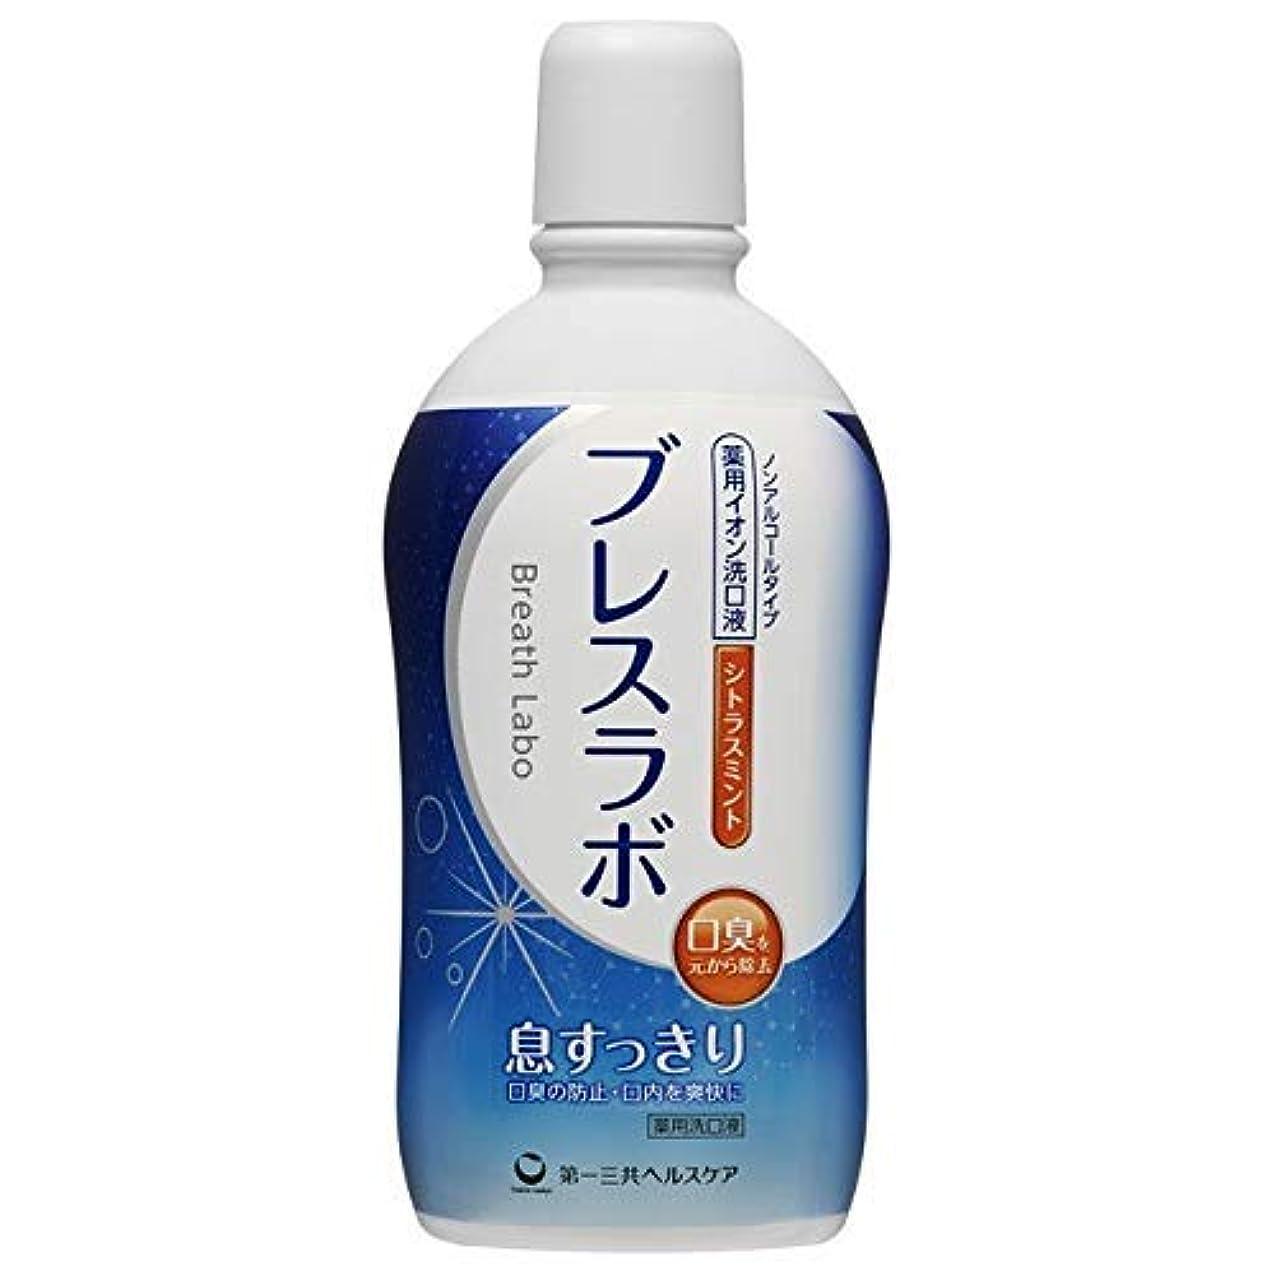 うぬぼれバッチ重さ第一三共ヘルスケア 薬用イオン洗口液 ブレスラボ マウスウォッシュ シトラスミント 450mL